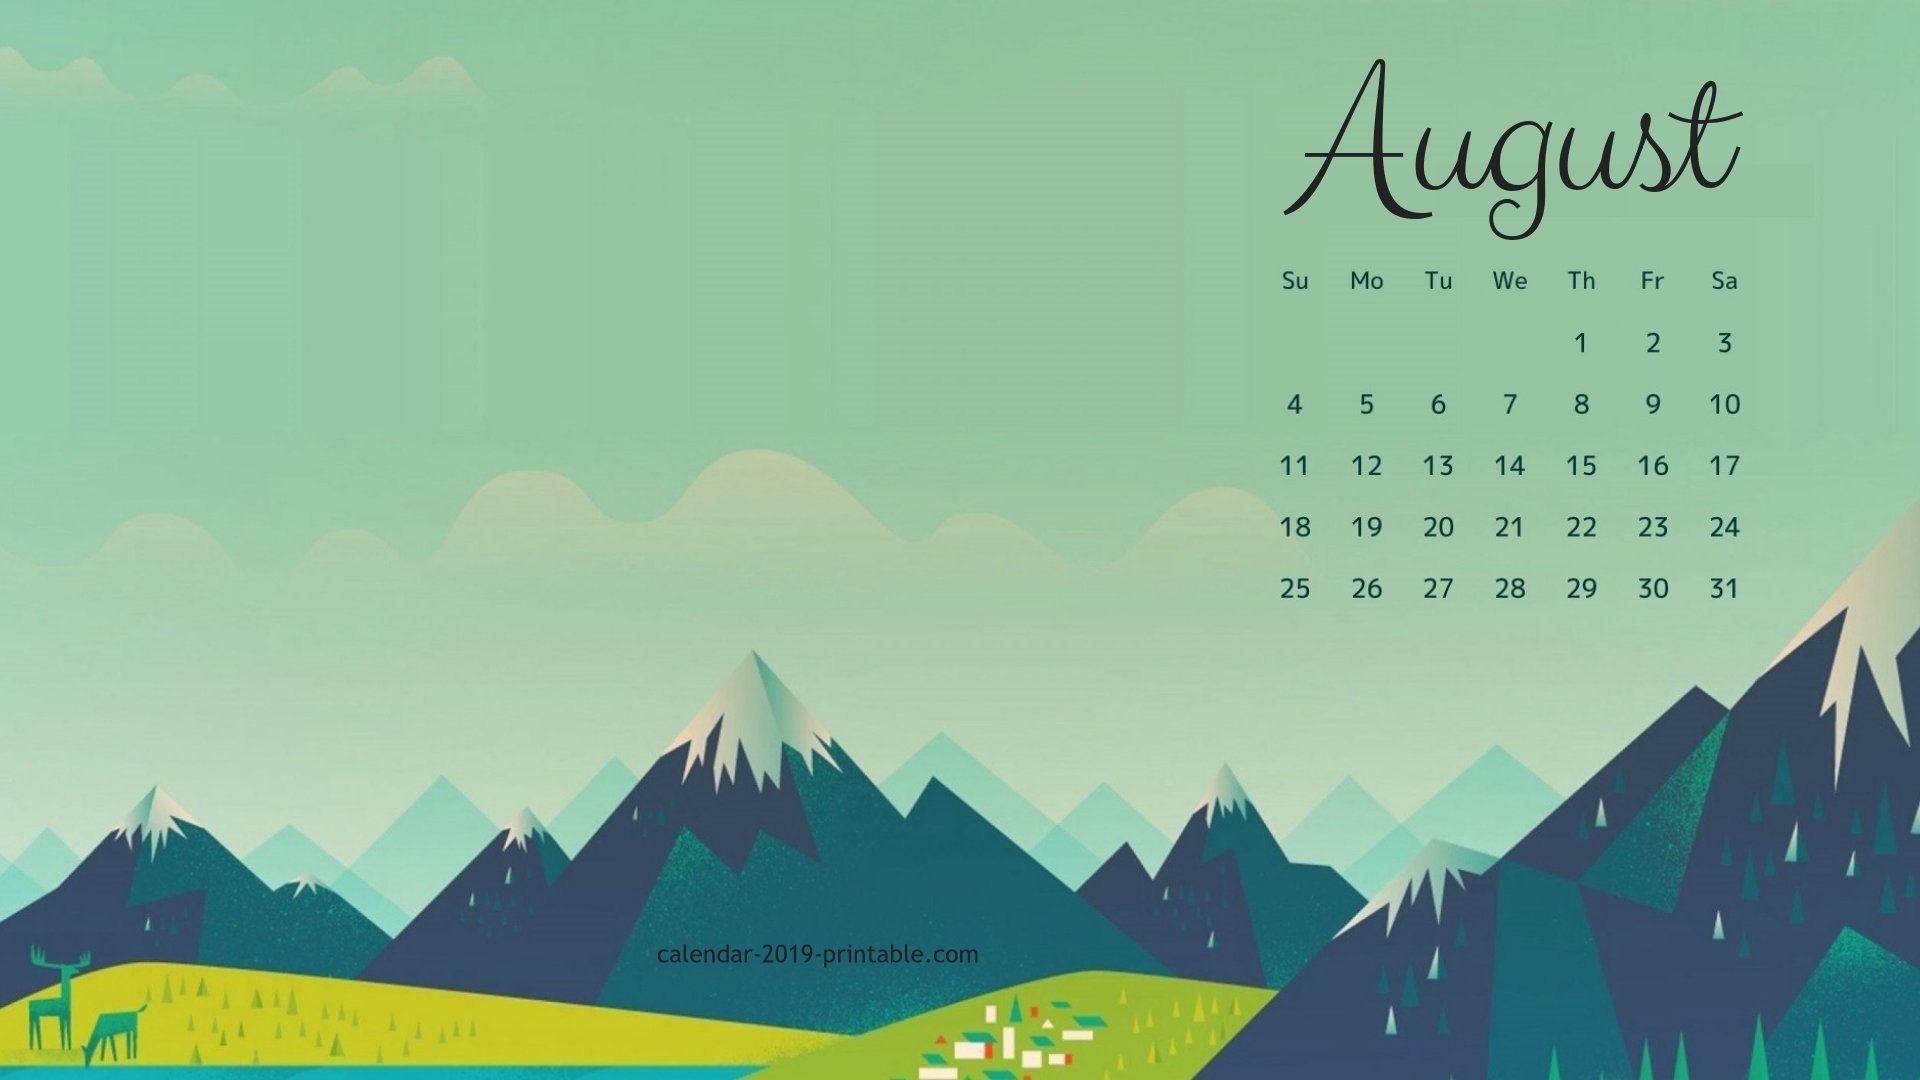 August 2019 Calendar Wallpaper